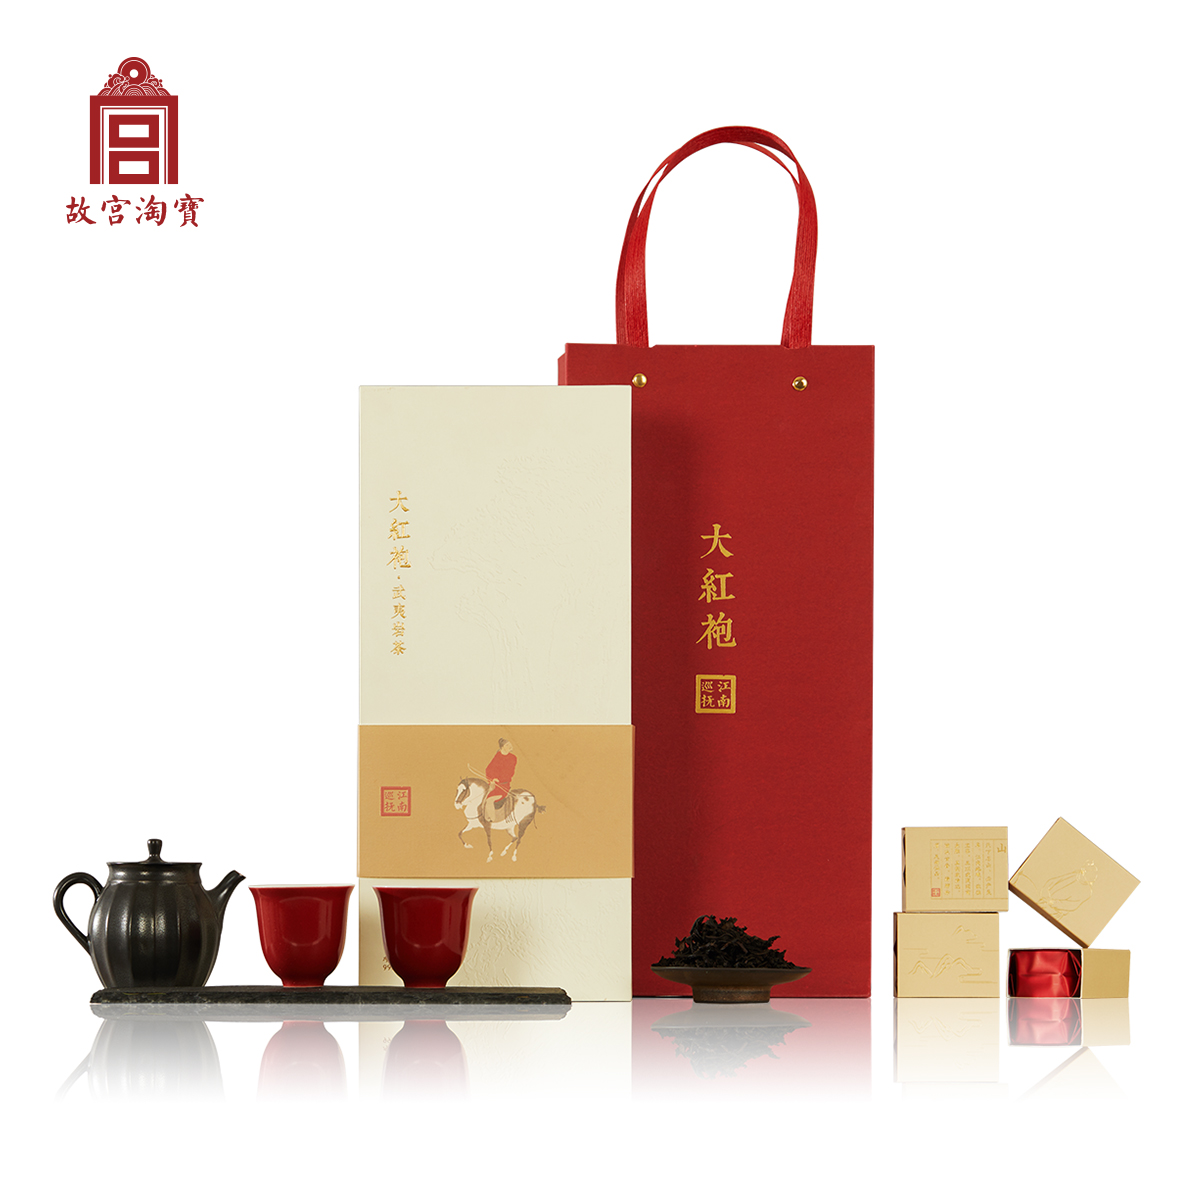 武夷山大红袍高档茶叶礼盒 江南巡抚 故宫淘宝